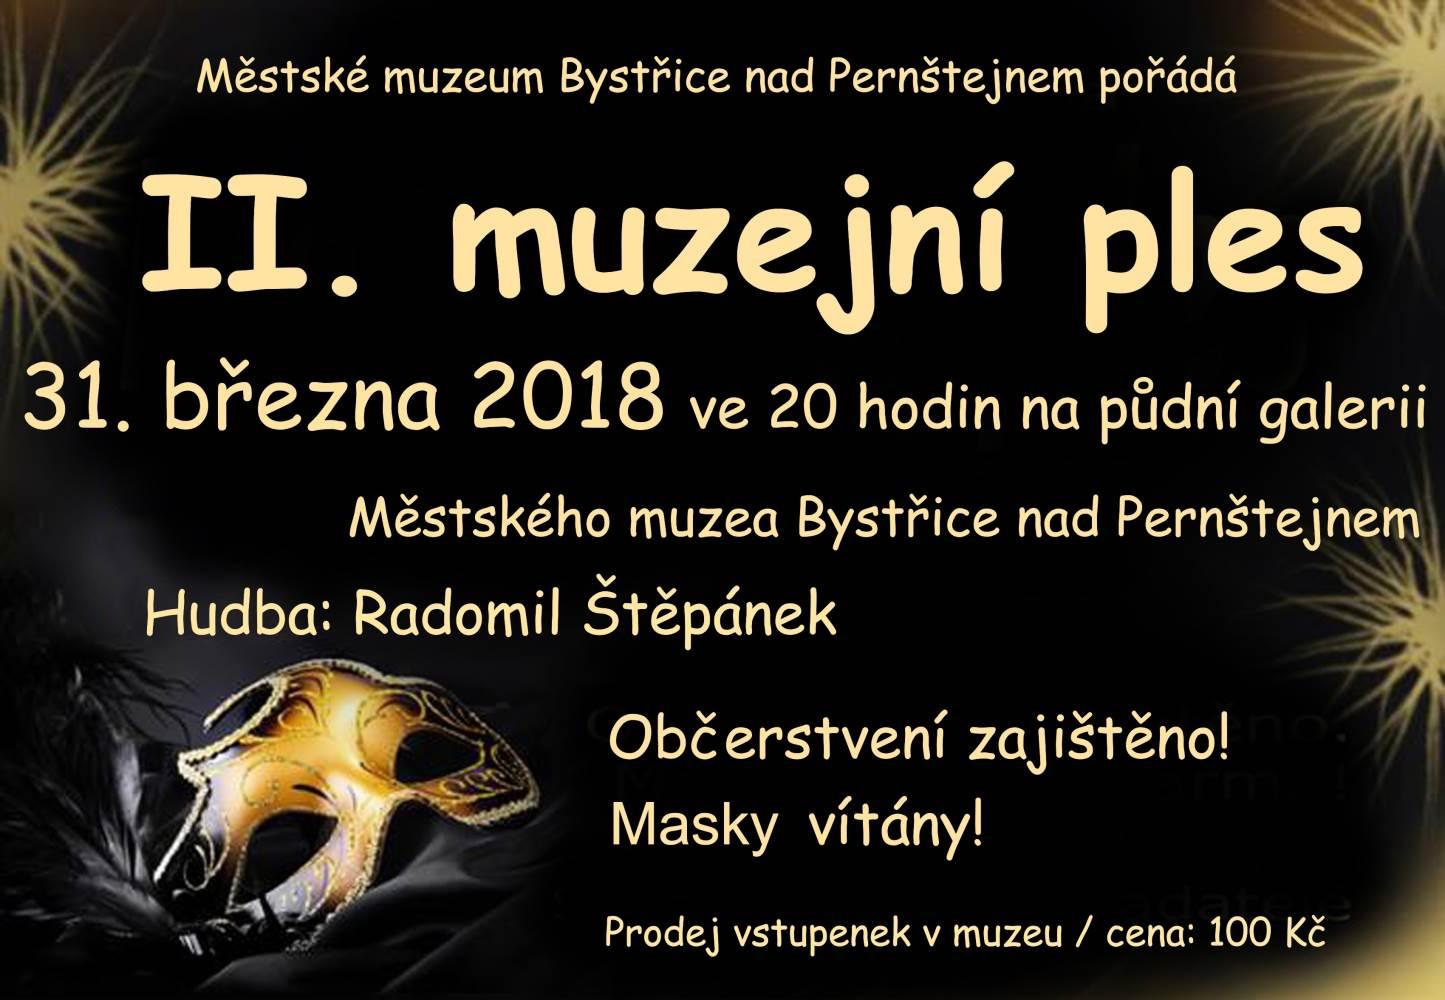 Online pujcky ihned bzenec otevírací doba picture 7